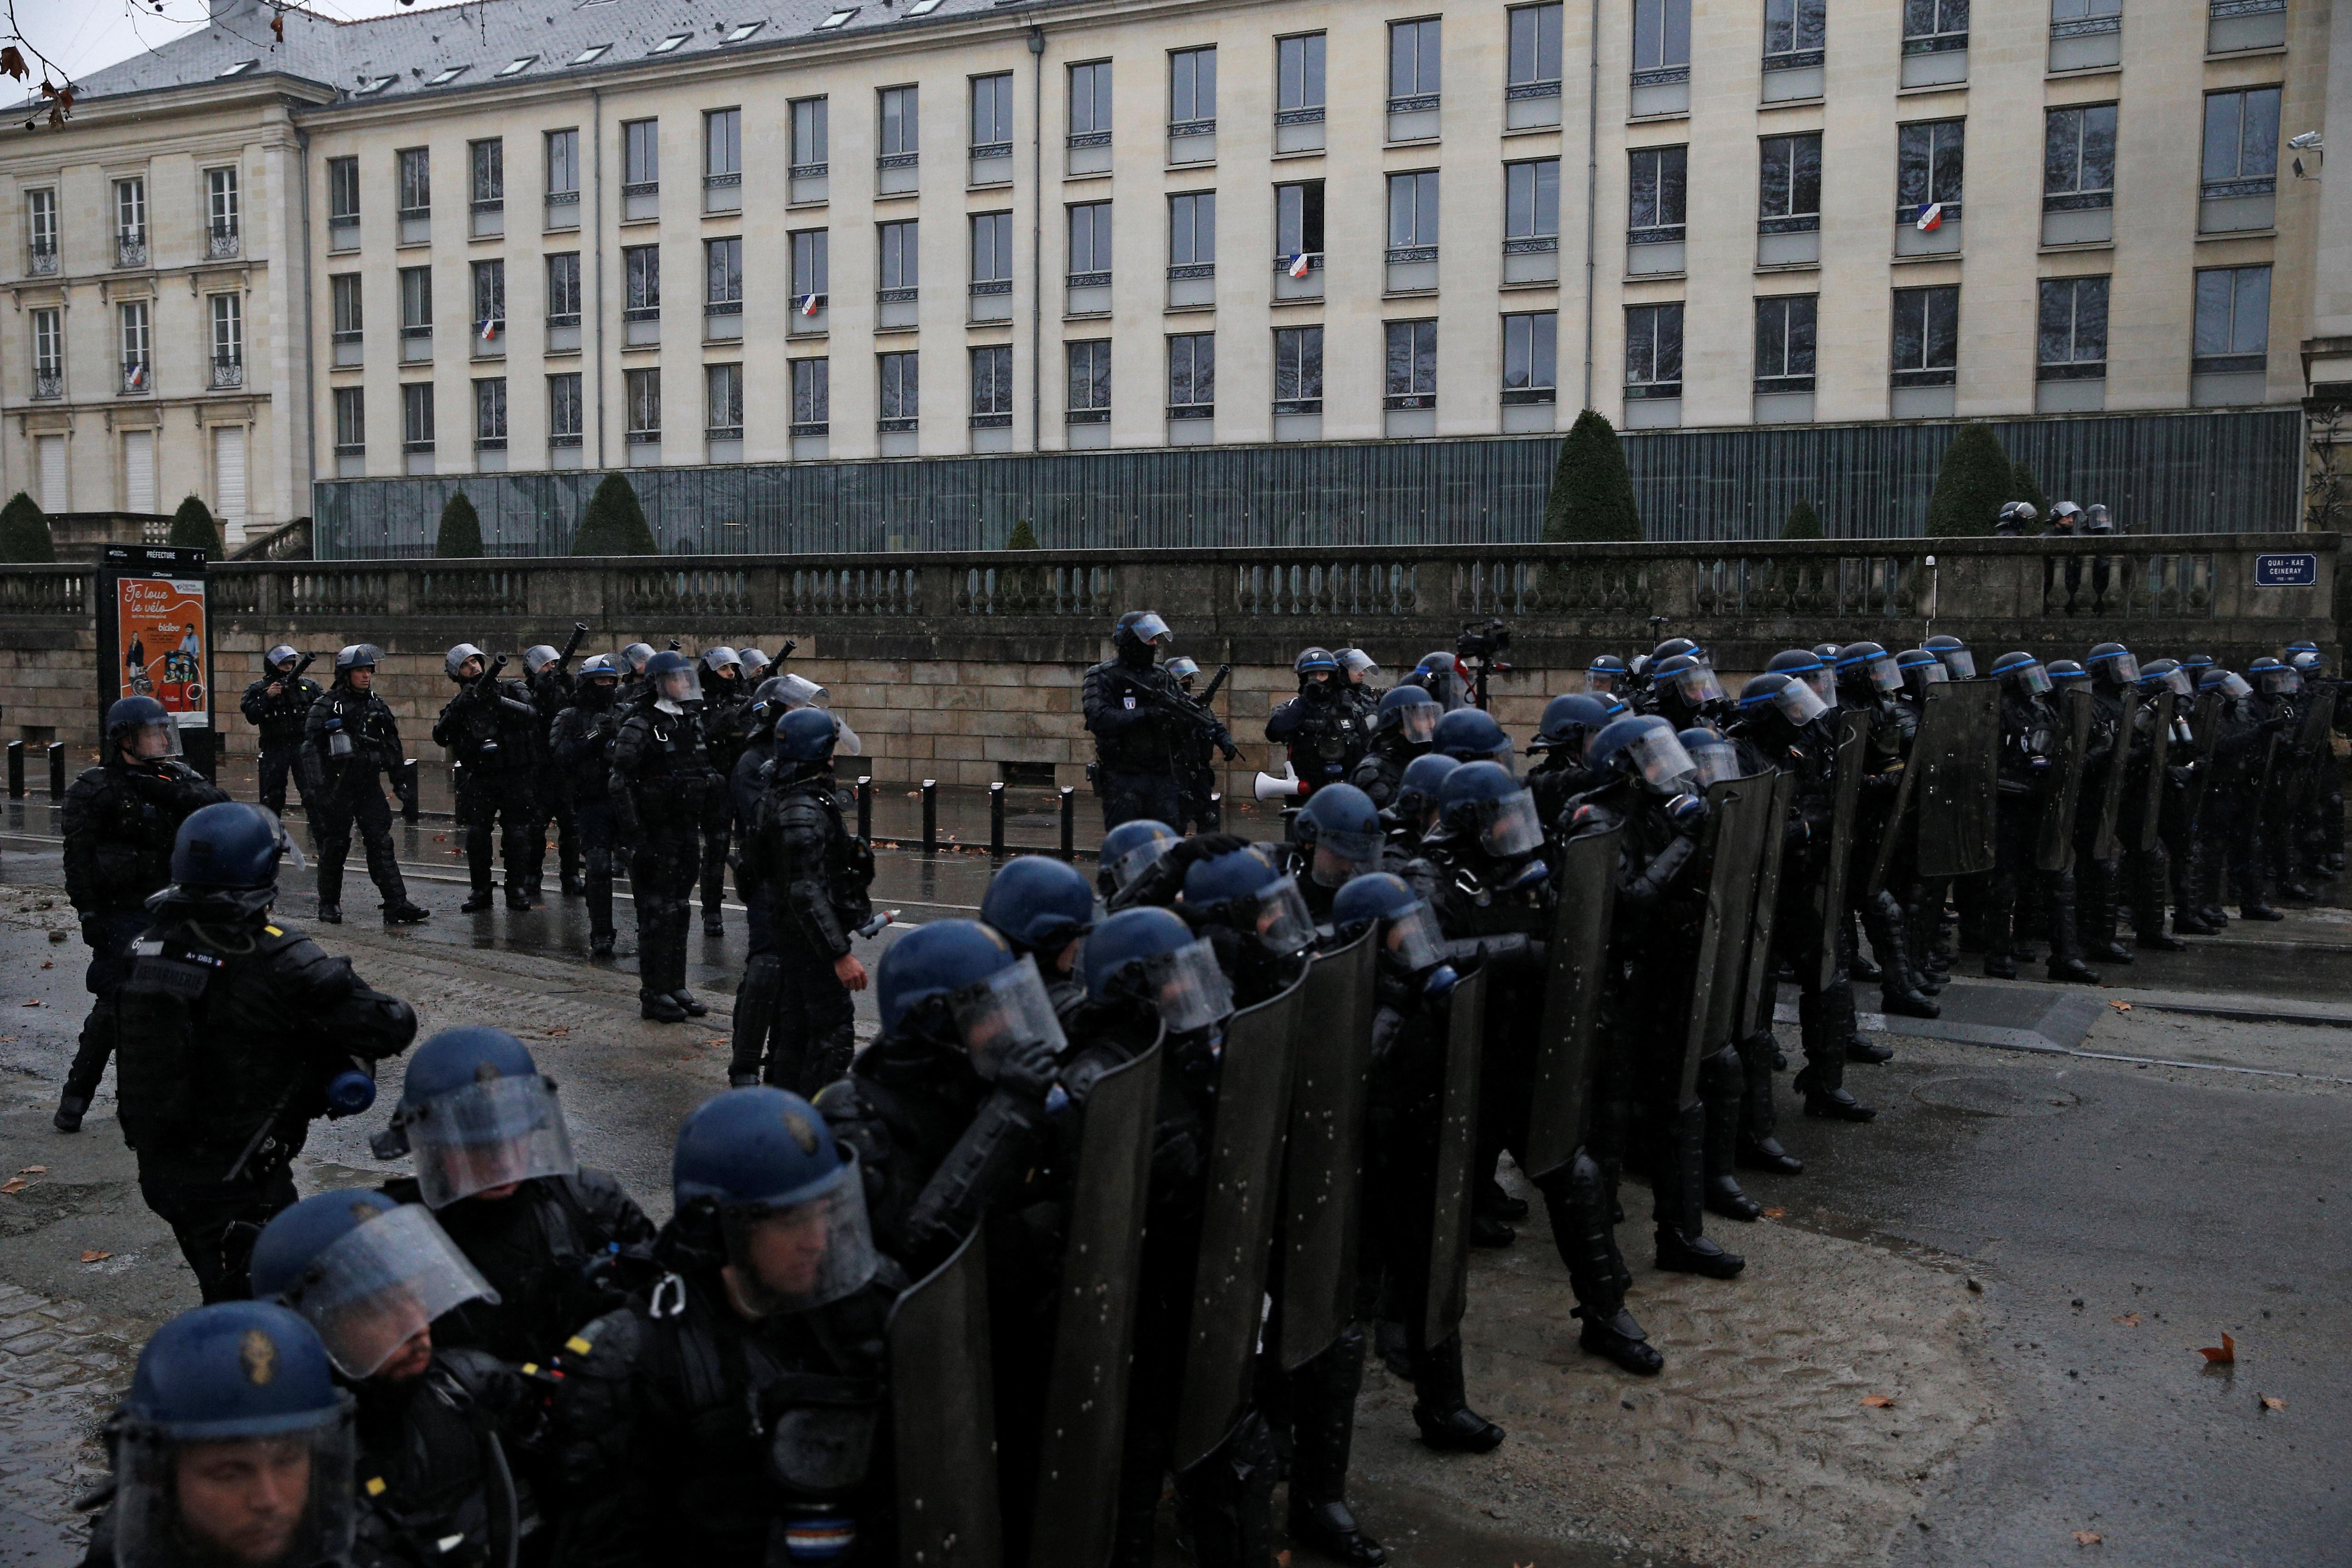 الشرطة الفرنسية تقطع شوارع حيوية وتمنع المتظاهرين من اختراق هذه الحواجز